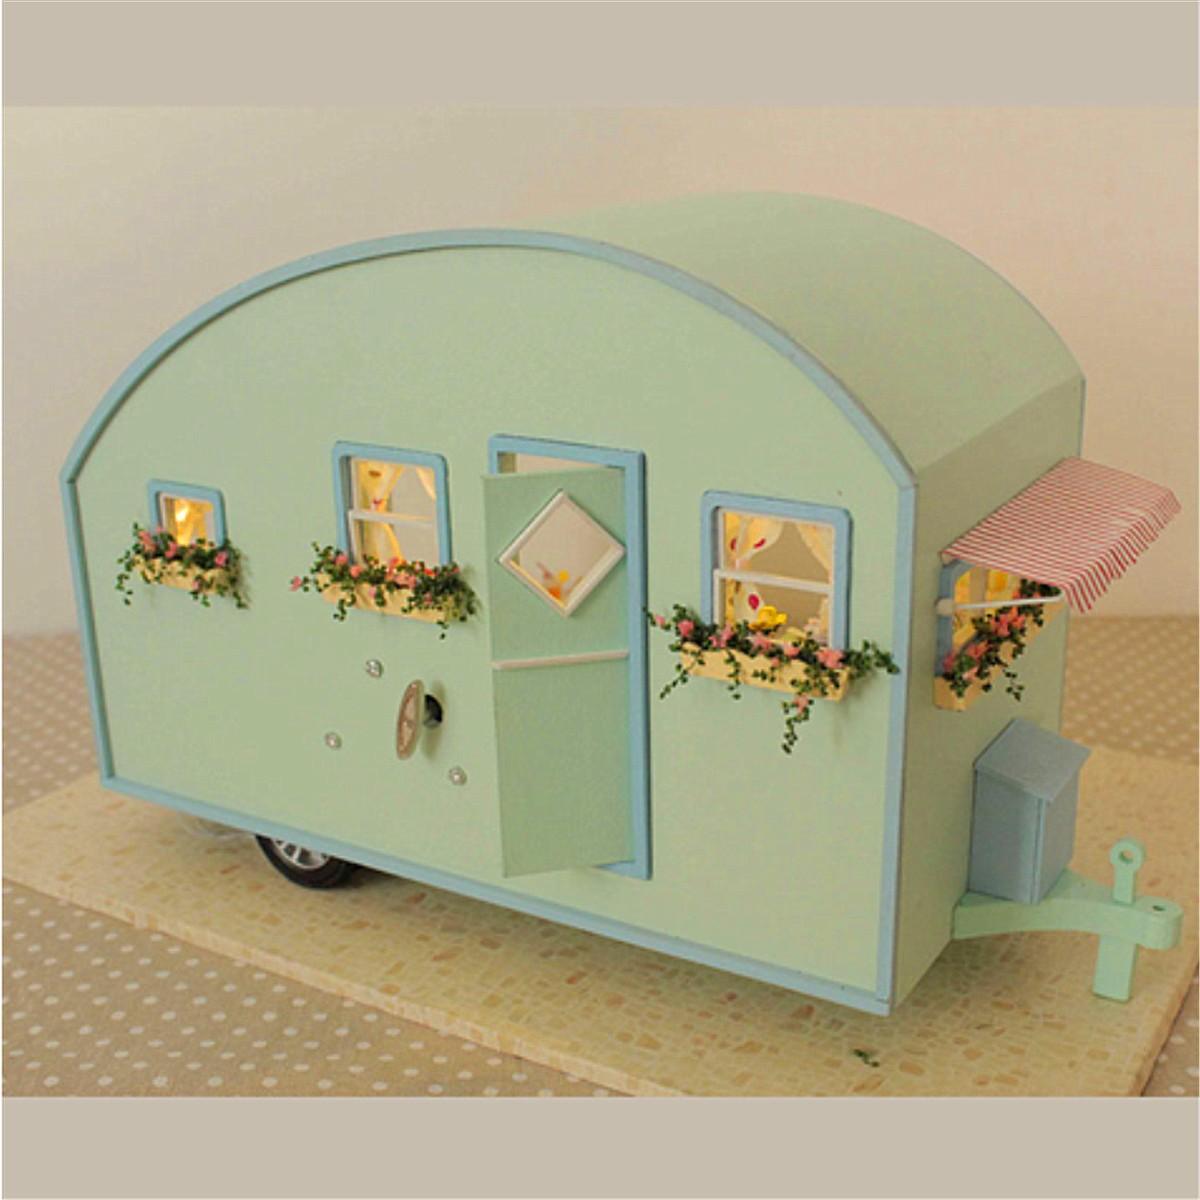 HTB1LKZBNYvpK1RjSZPiq6zmwXXae - Robotime - DIY Models, DIY Miniature Houses, 3d Wooden Puzzle